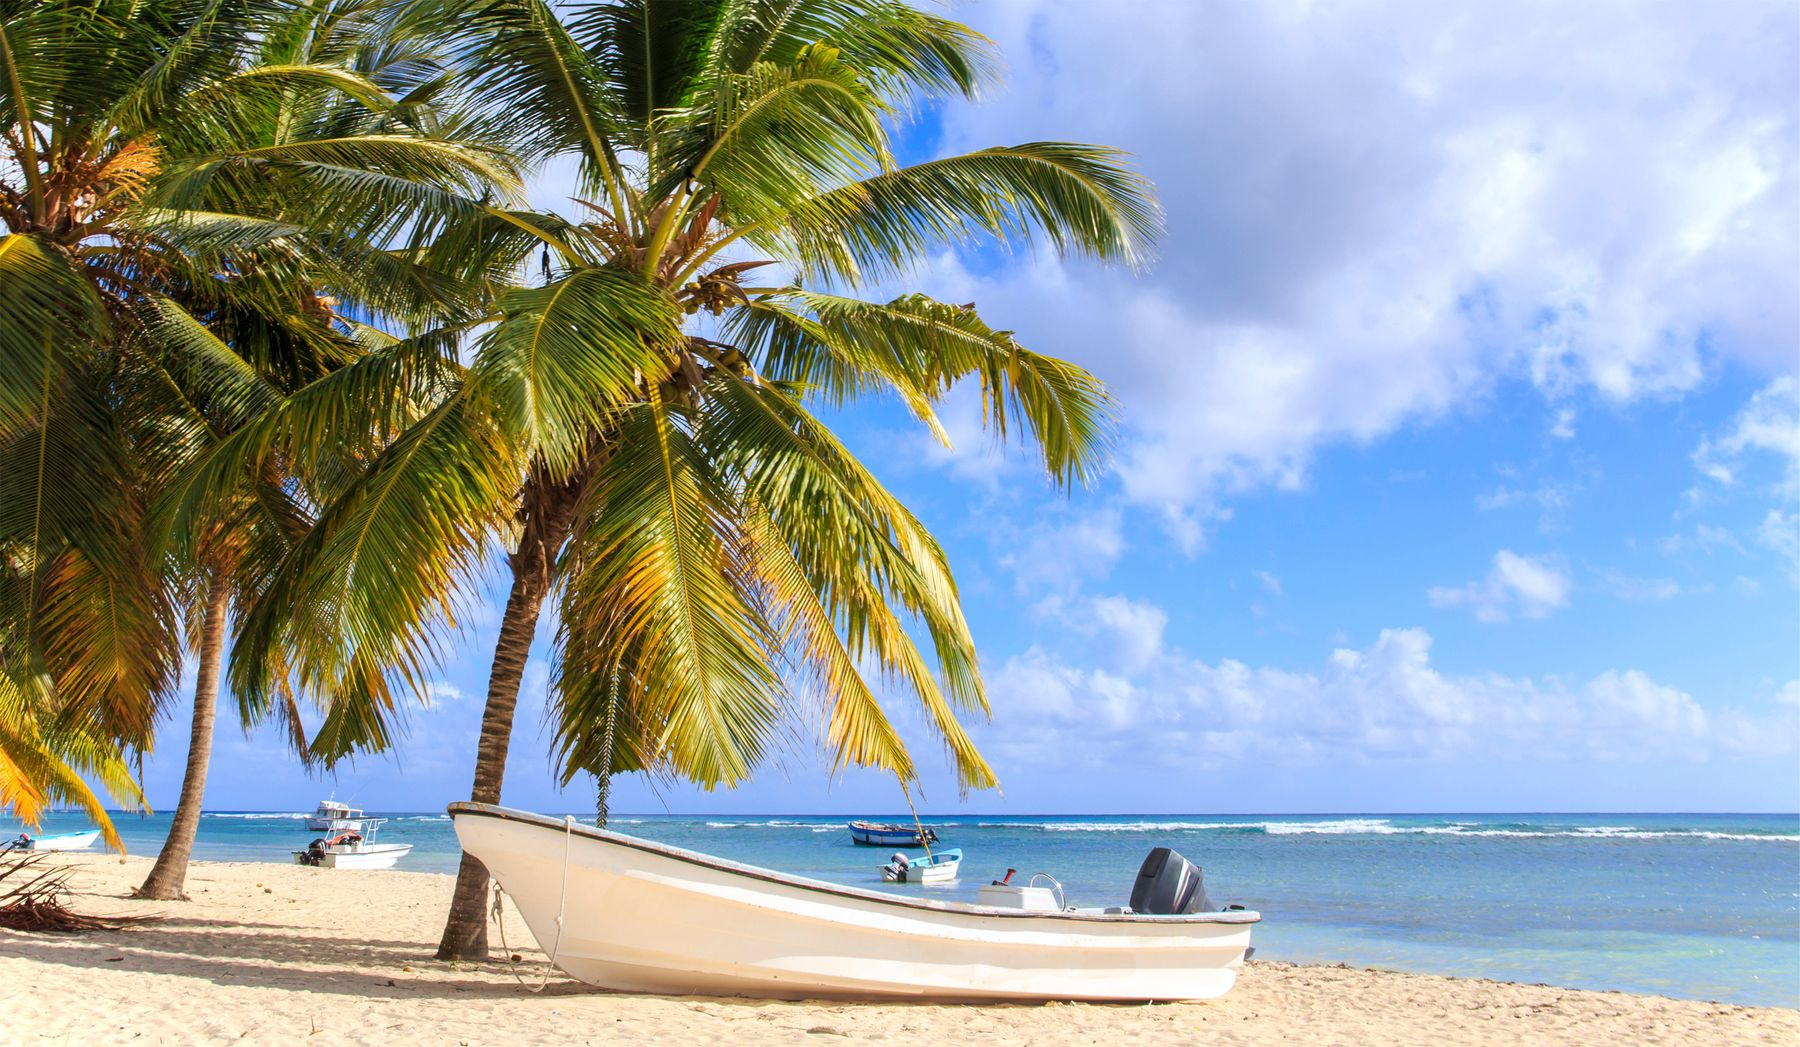 Лучший план на зимний отпуск: недорогие билеты в Доминикану